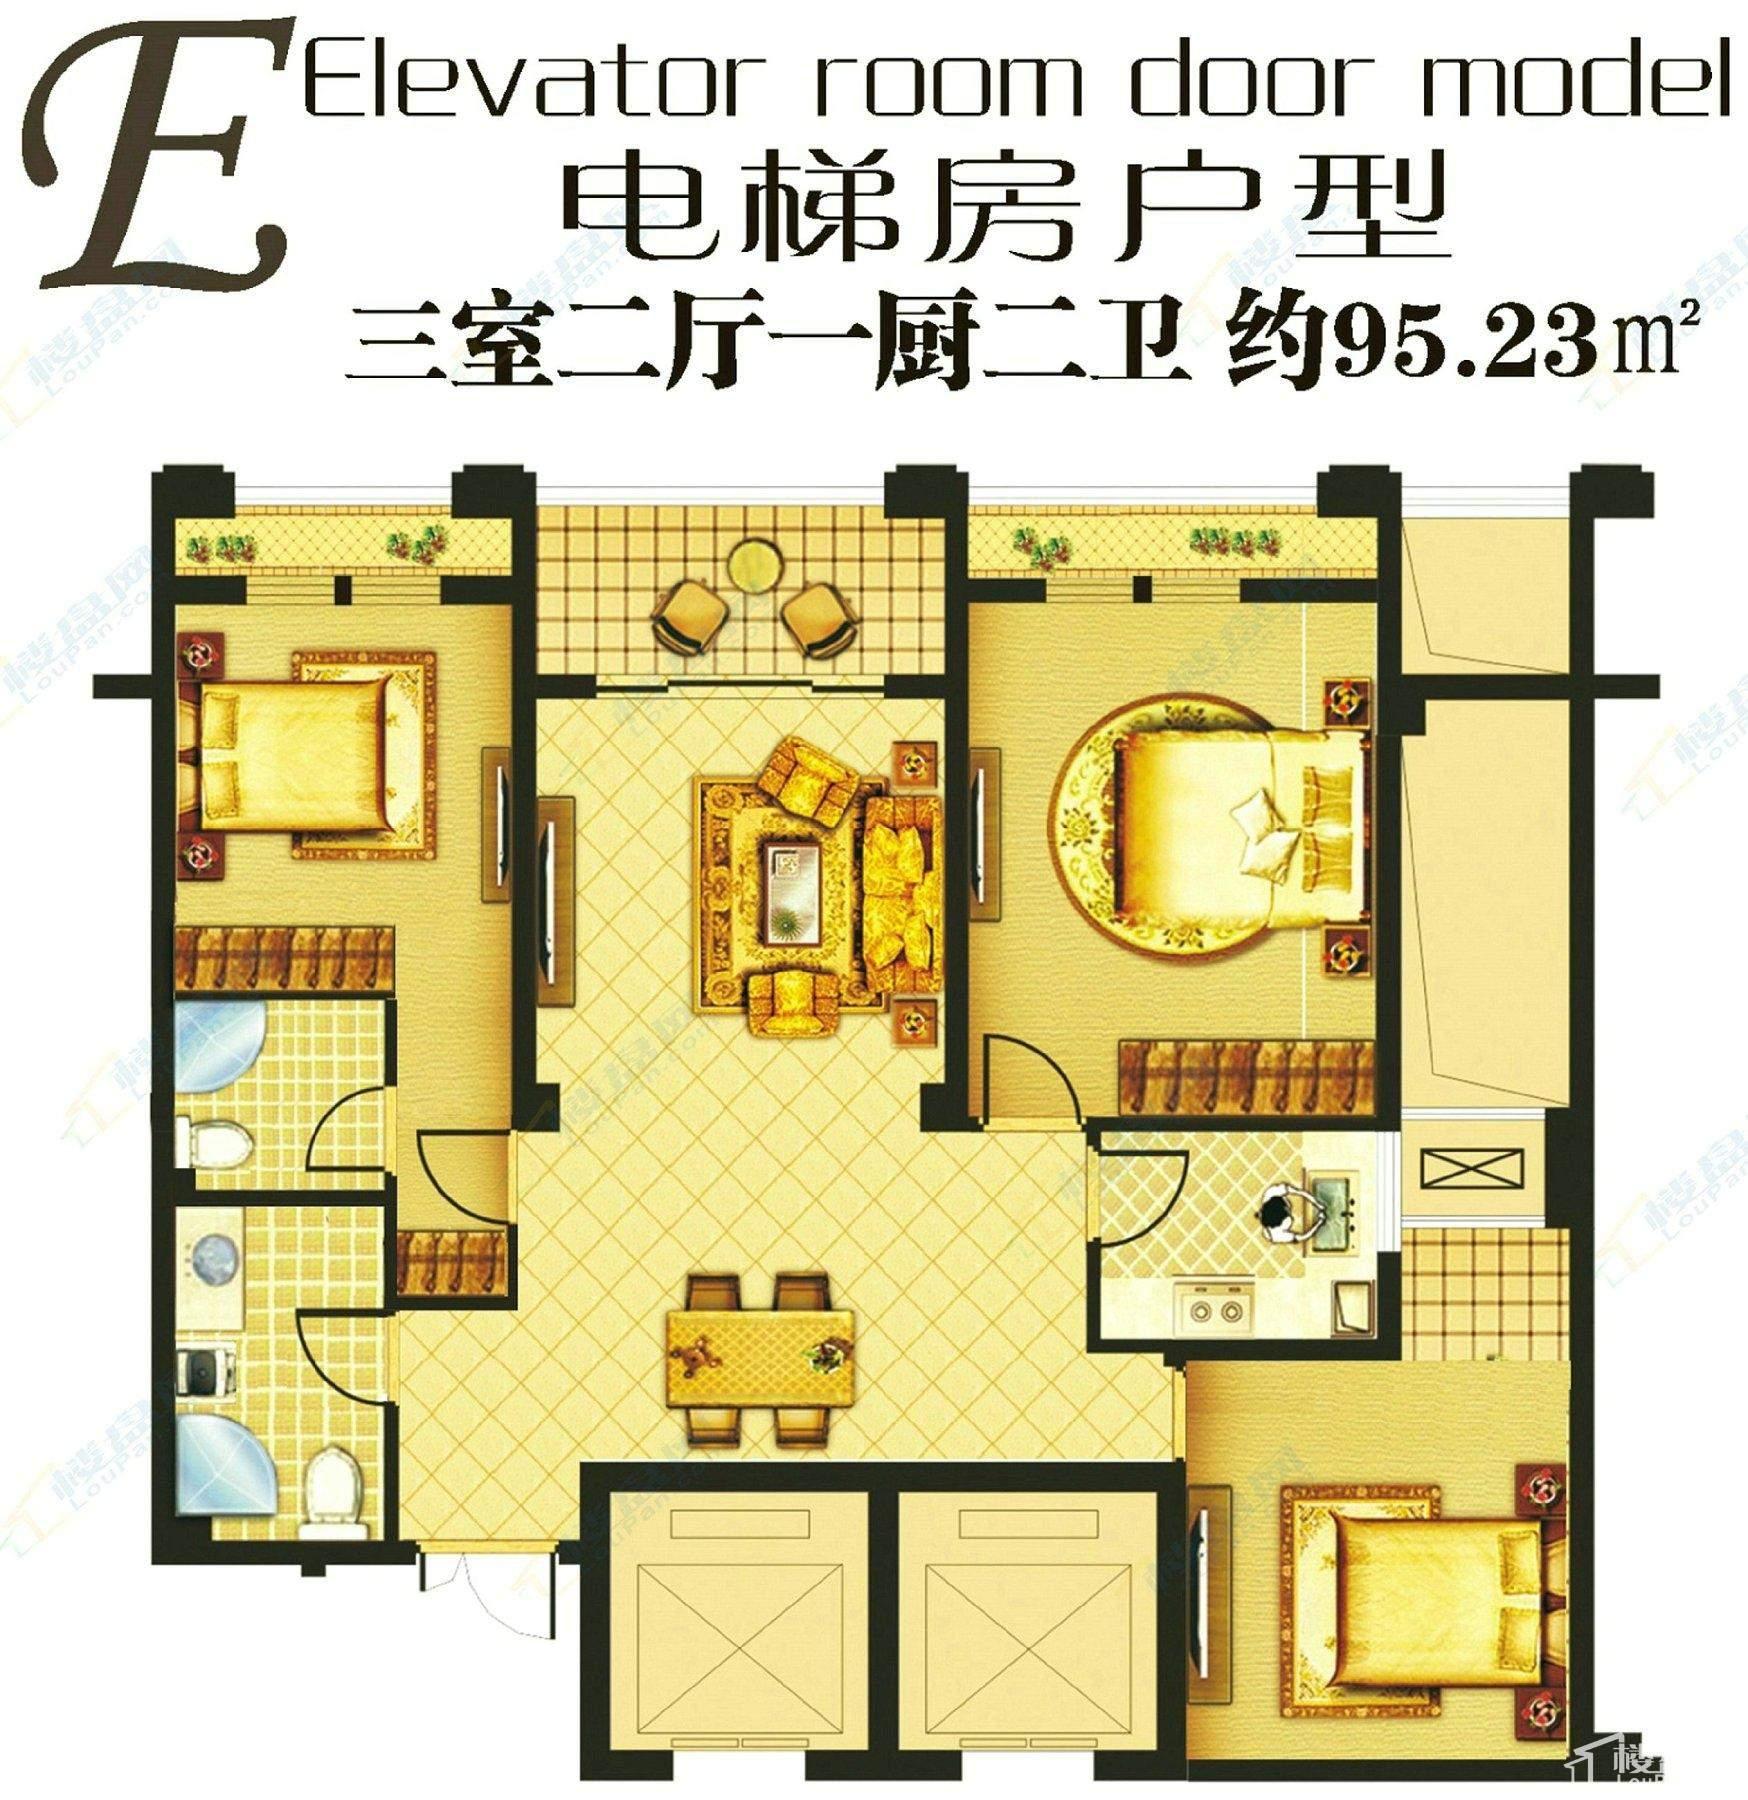 E电梯房户型